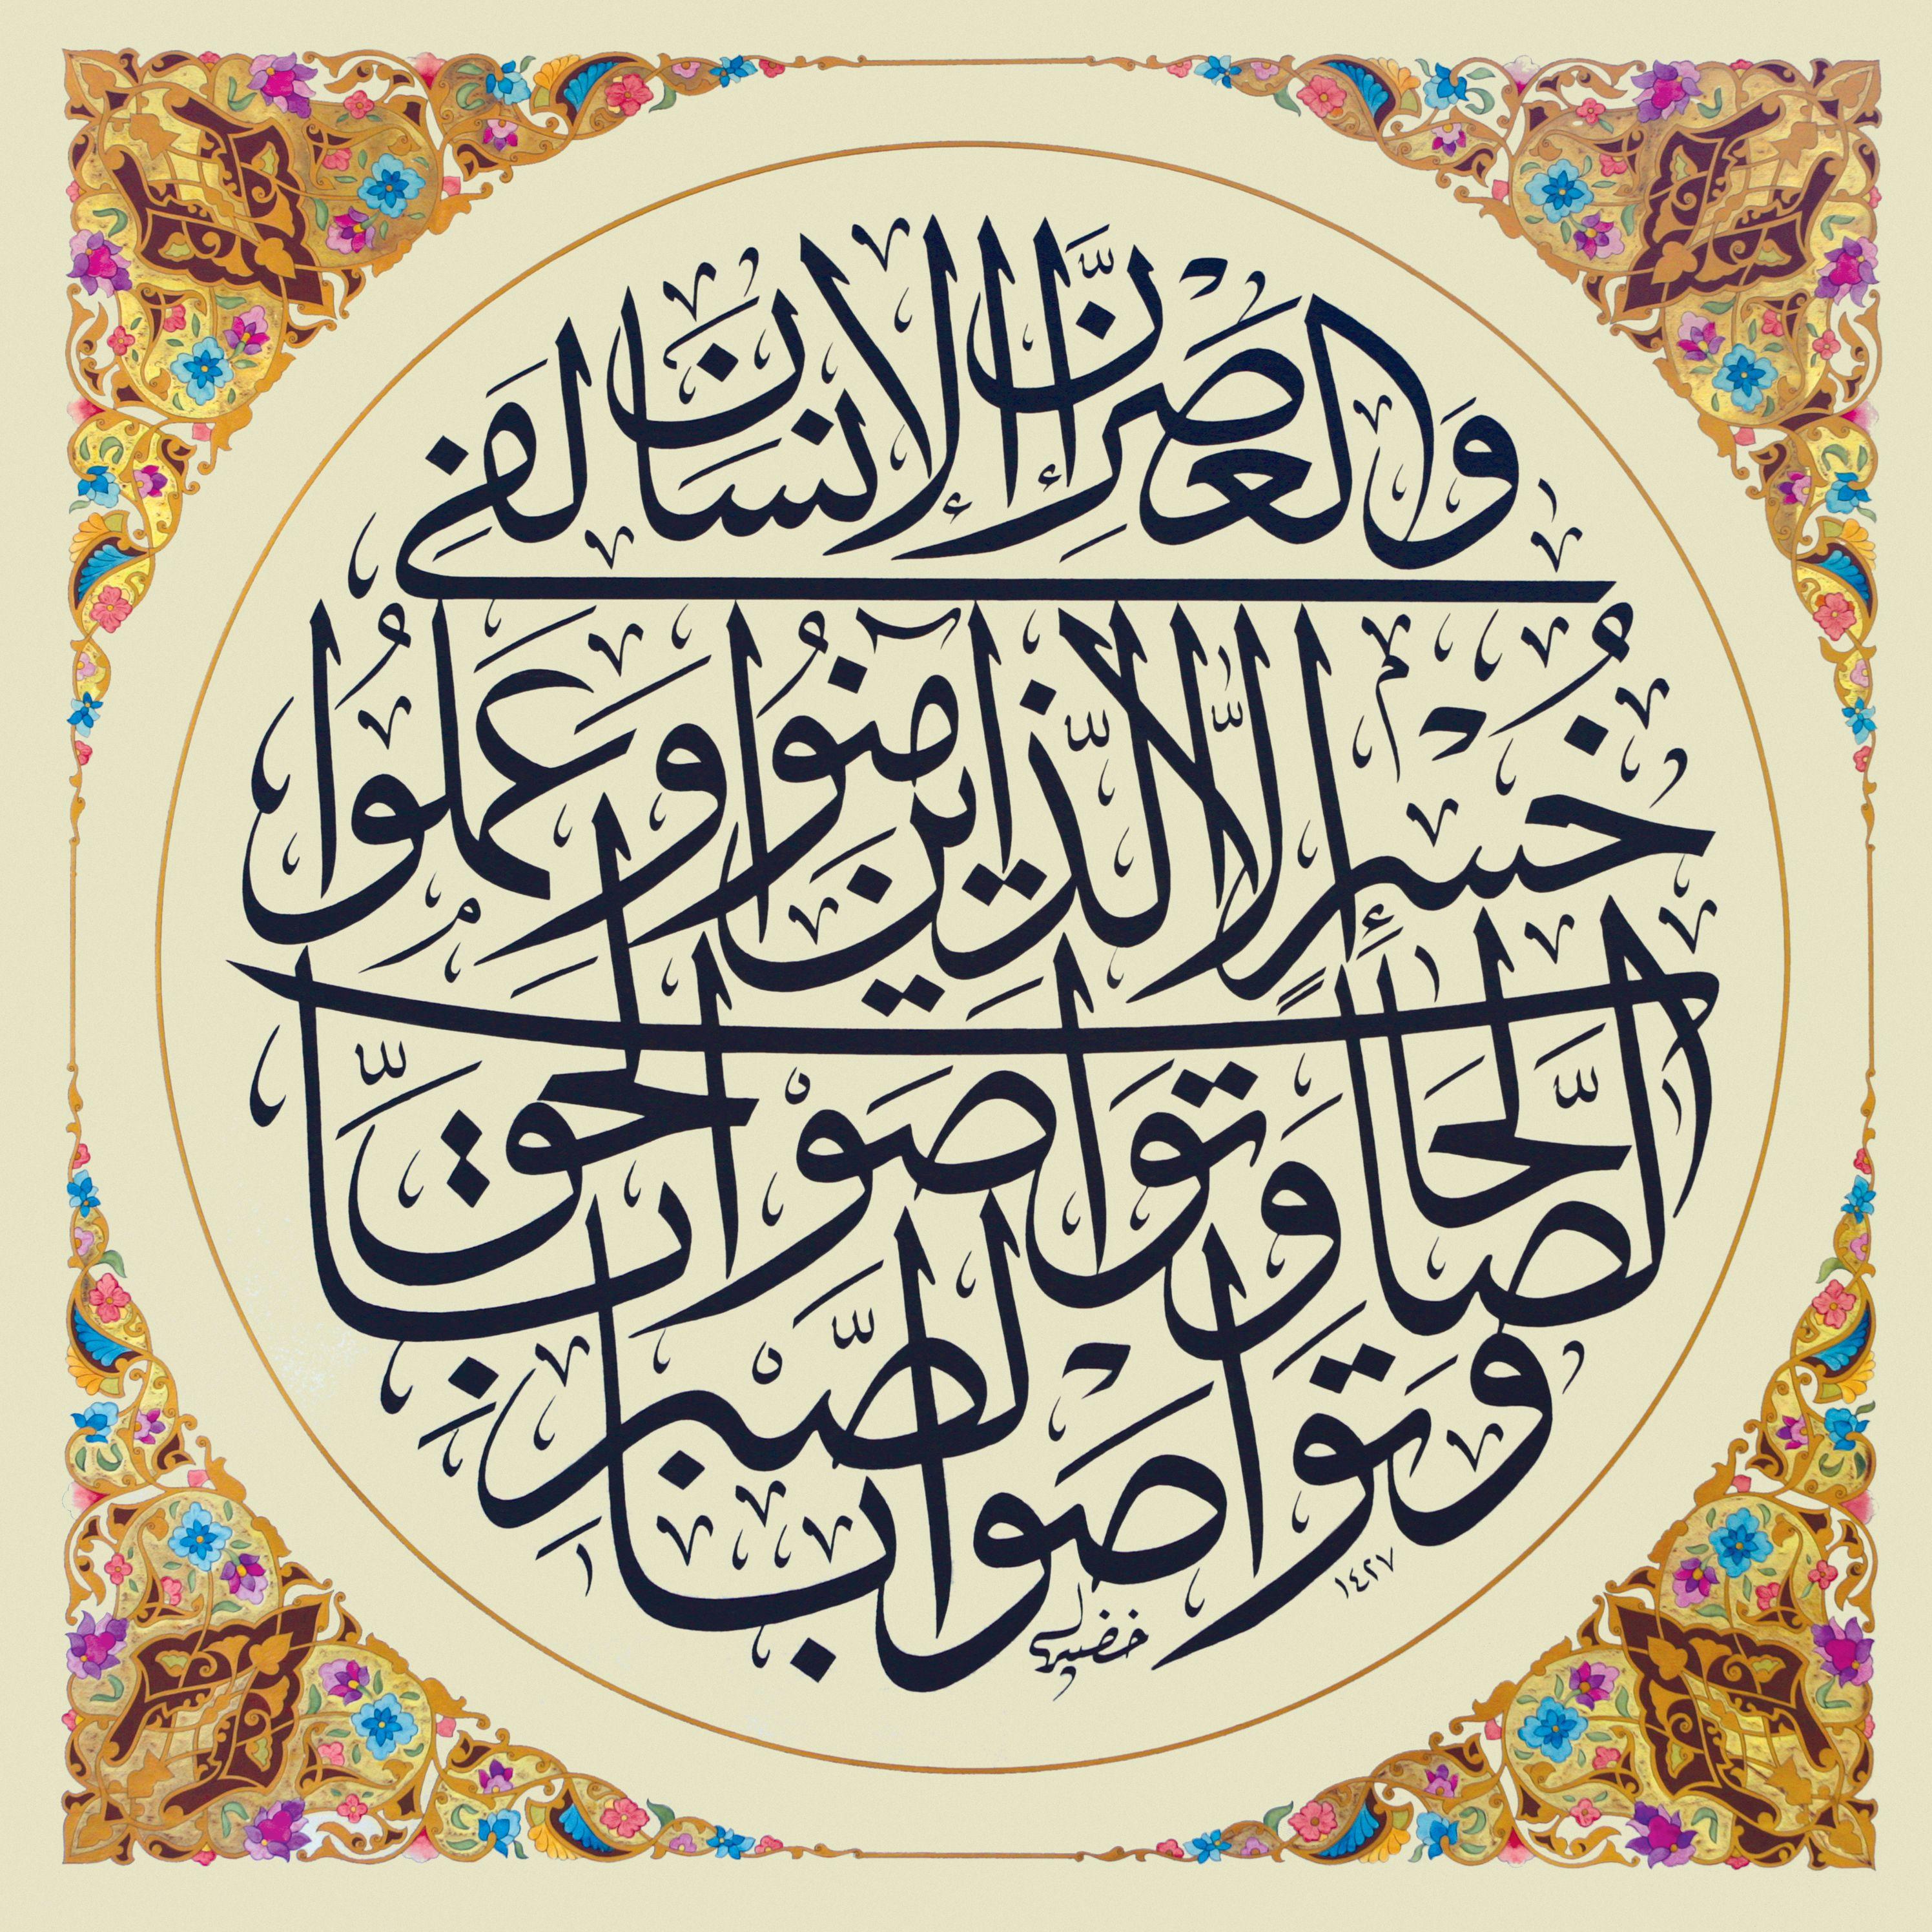 عرض العمل الفني ملتقى مجمع الملك فهد لأشهر خطاطي المصحف الشريف في العالم Islamic Art Calligraphy Islamic Calligraphy Arabic Art